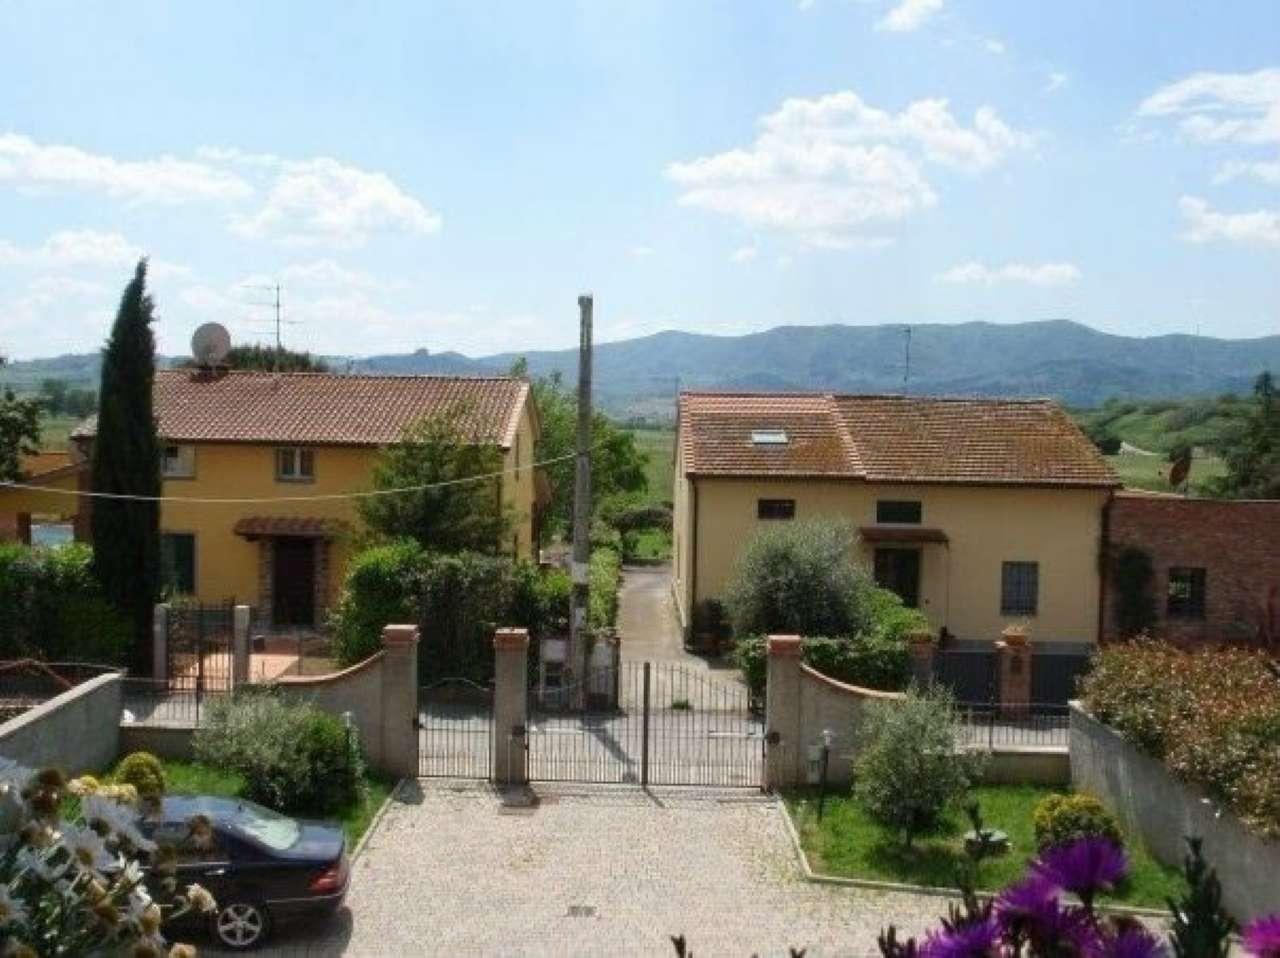 Casa colonica 5 locali in vendita a Prato (PO)